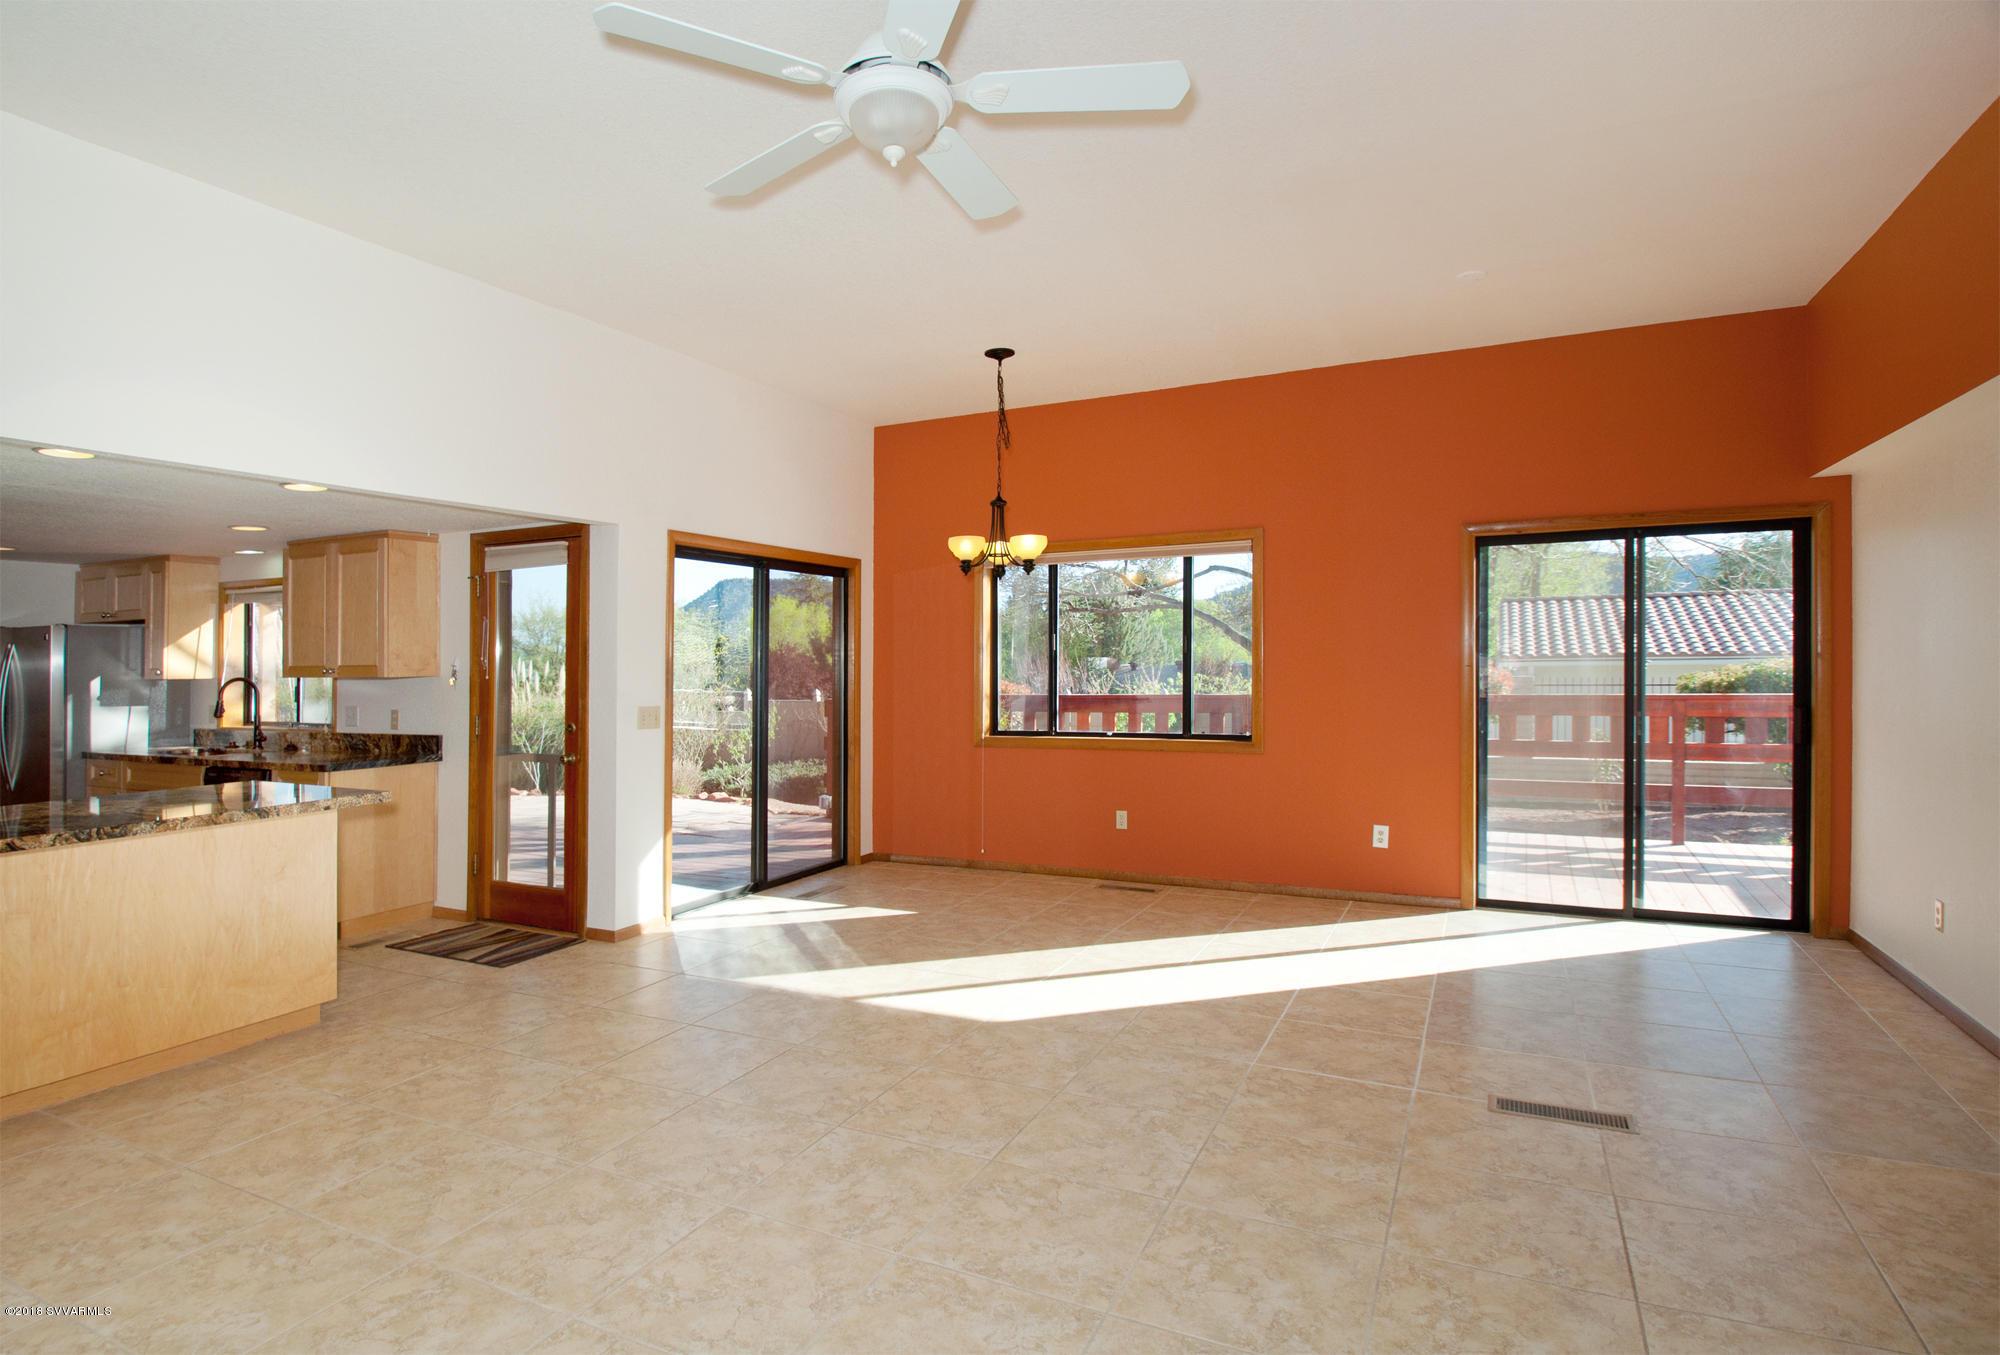 65 Yucca St Sedona, AZ 86351